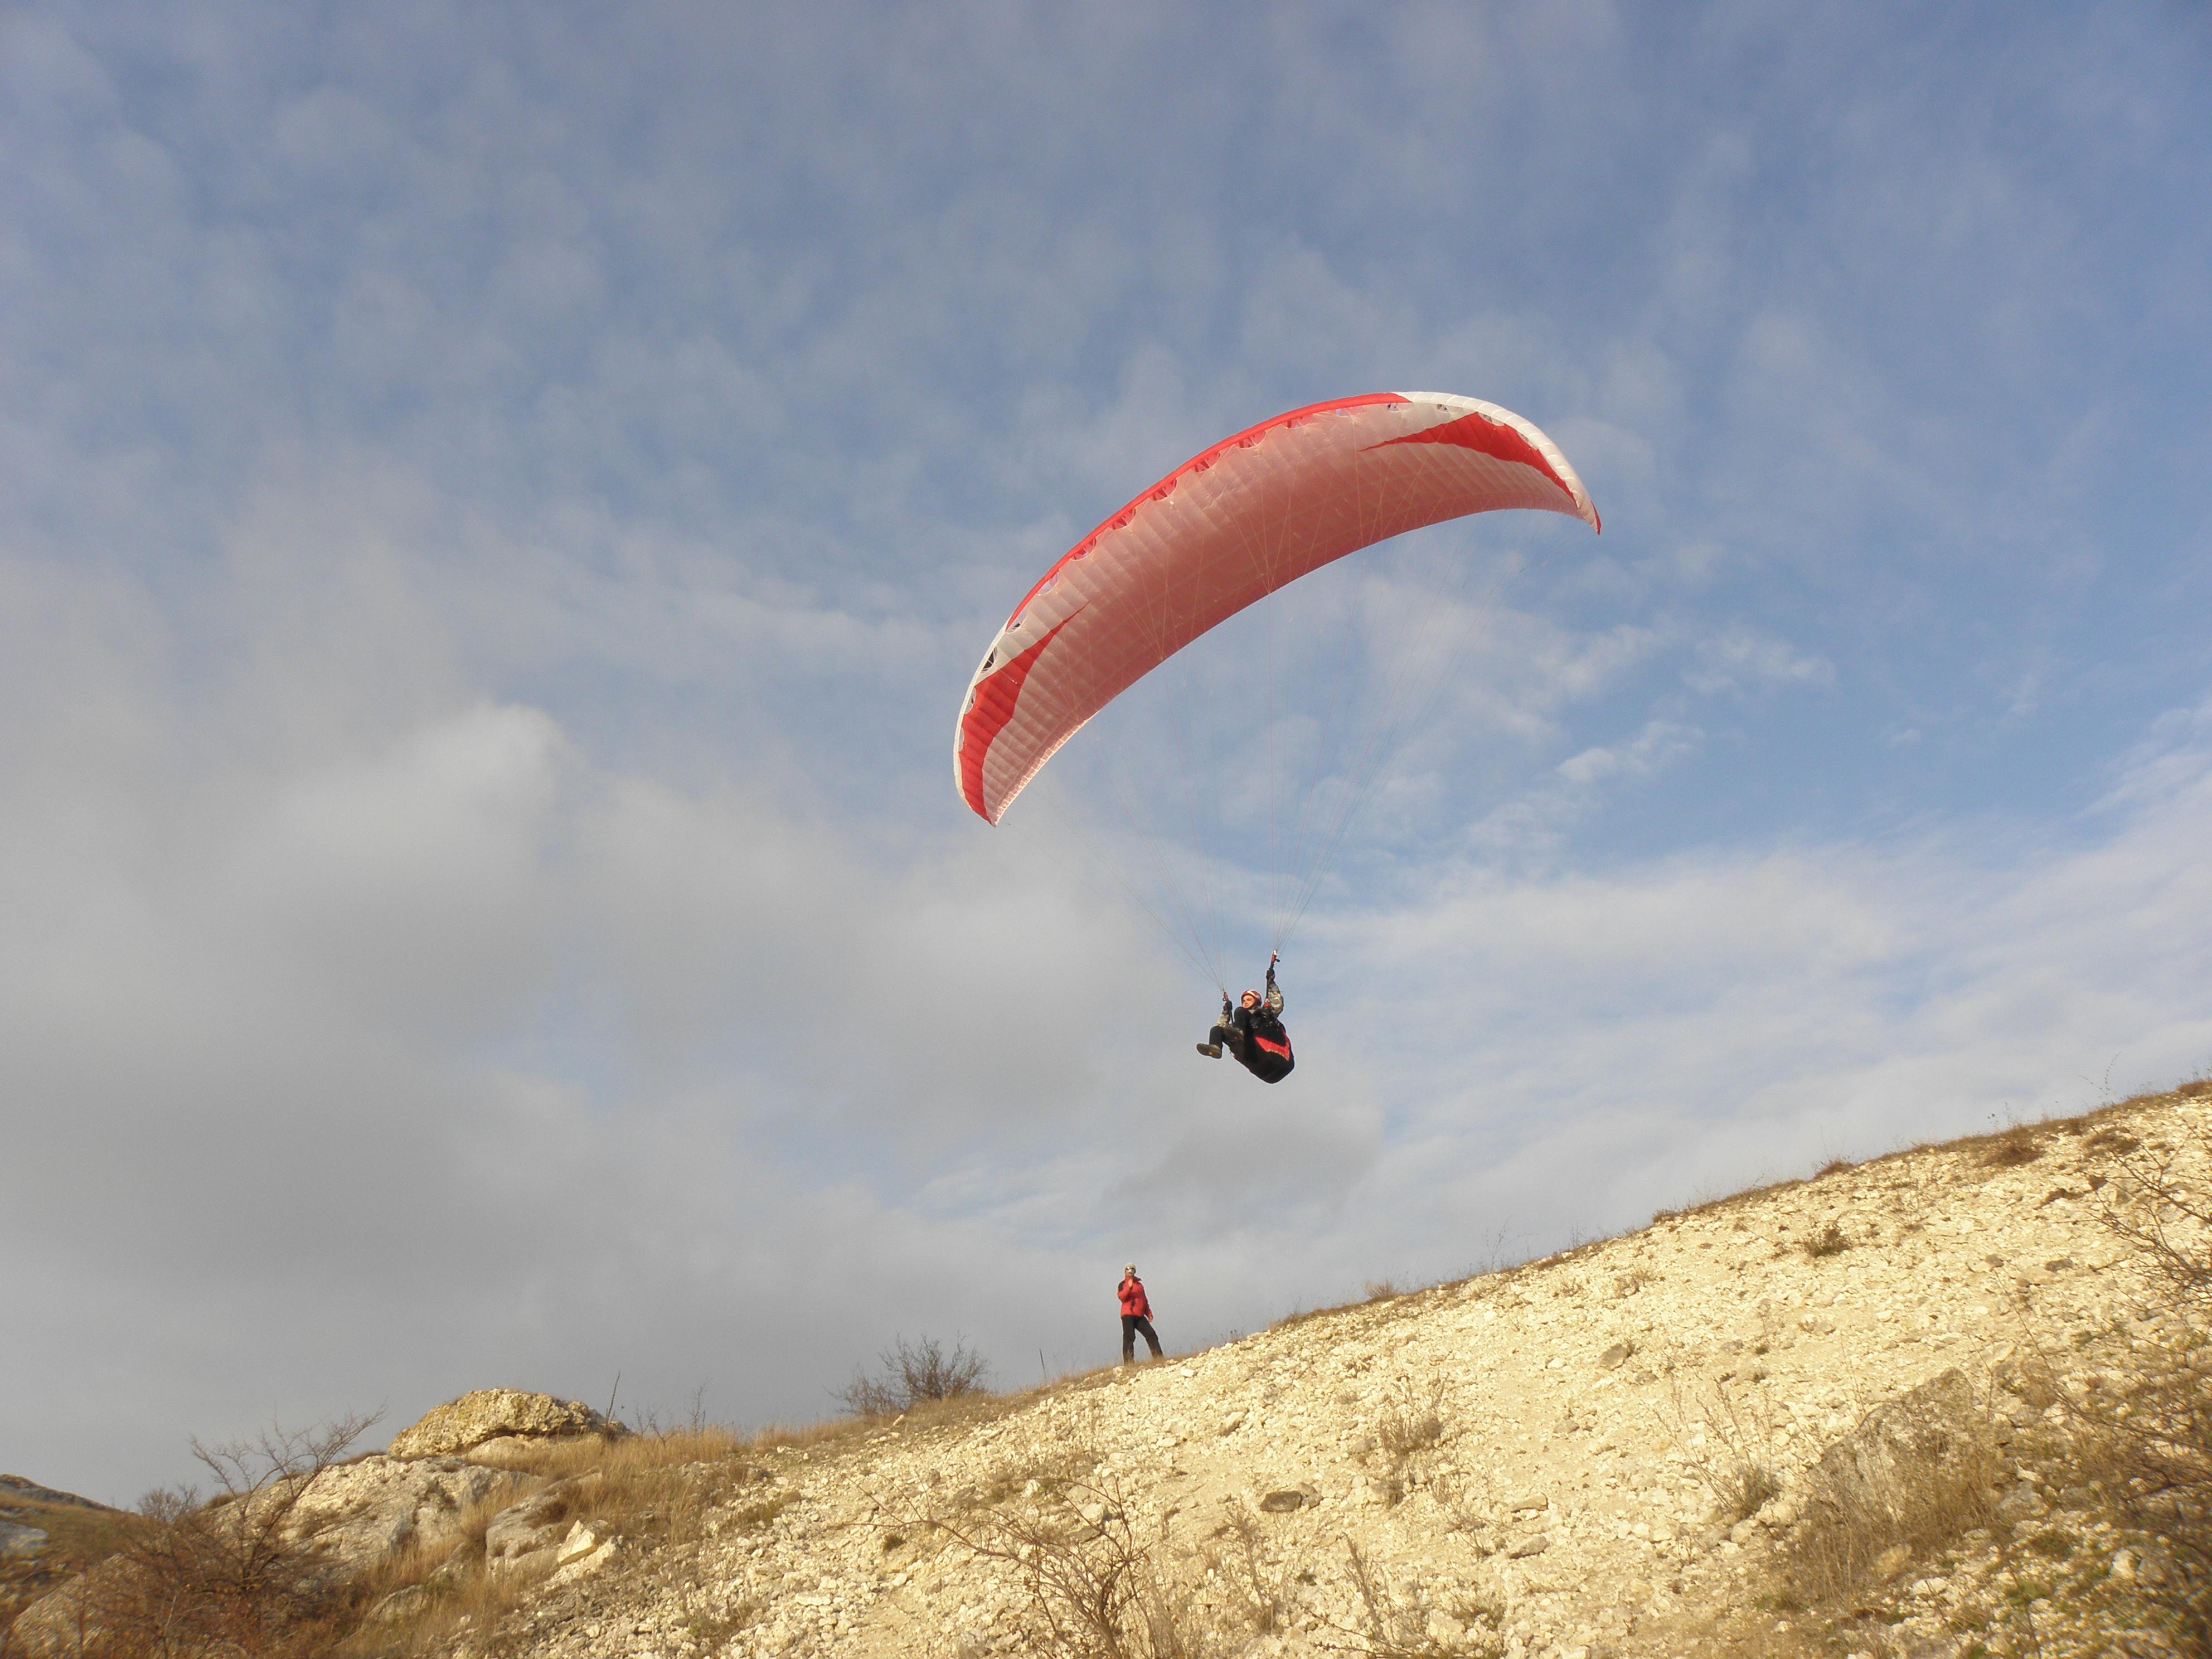 Лучанин перелетів Гімалаї на параплані (відео)